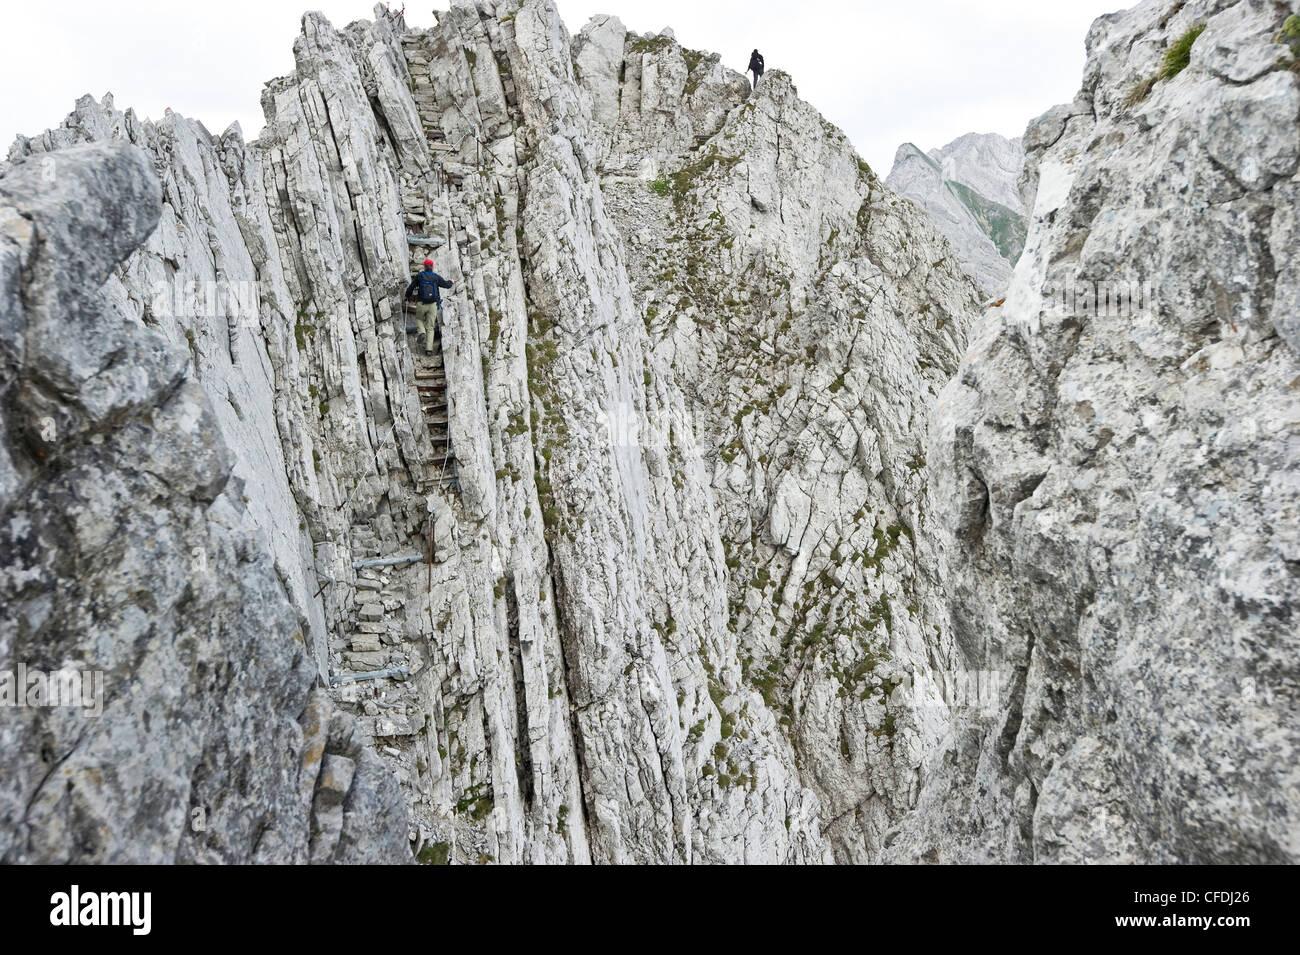 Menschen am Klettersteig, Alpsteingebirge, Säntis, Appenzeller Land, Schweiz, Europa Stockbild